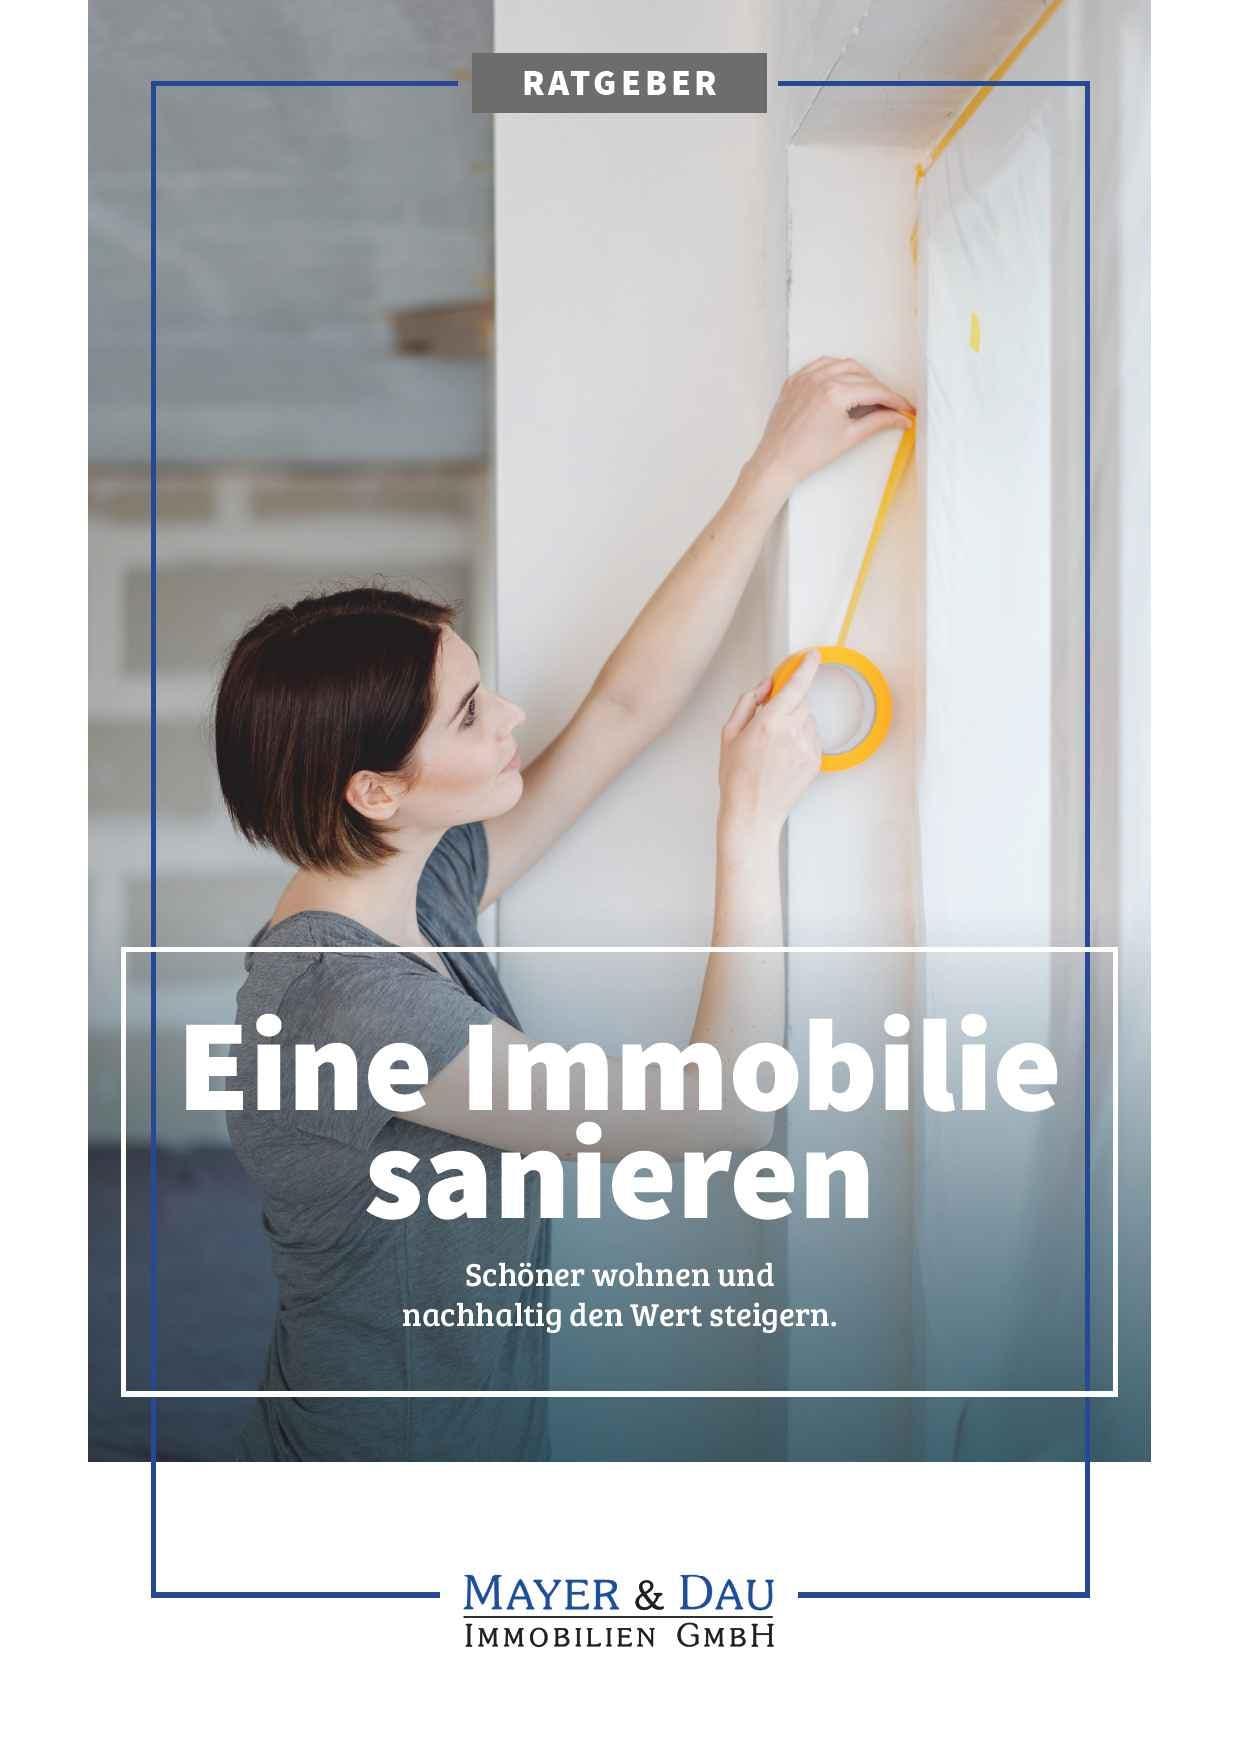 Mayer_und_Dau_Sanierung_einer_Immobilie_Cover